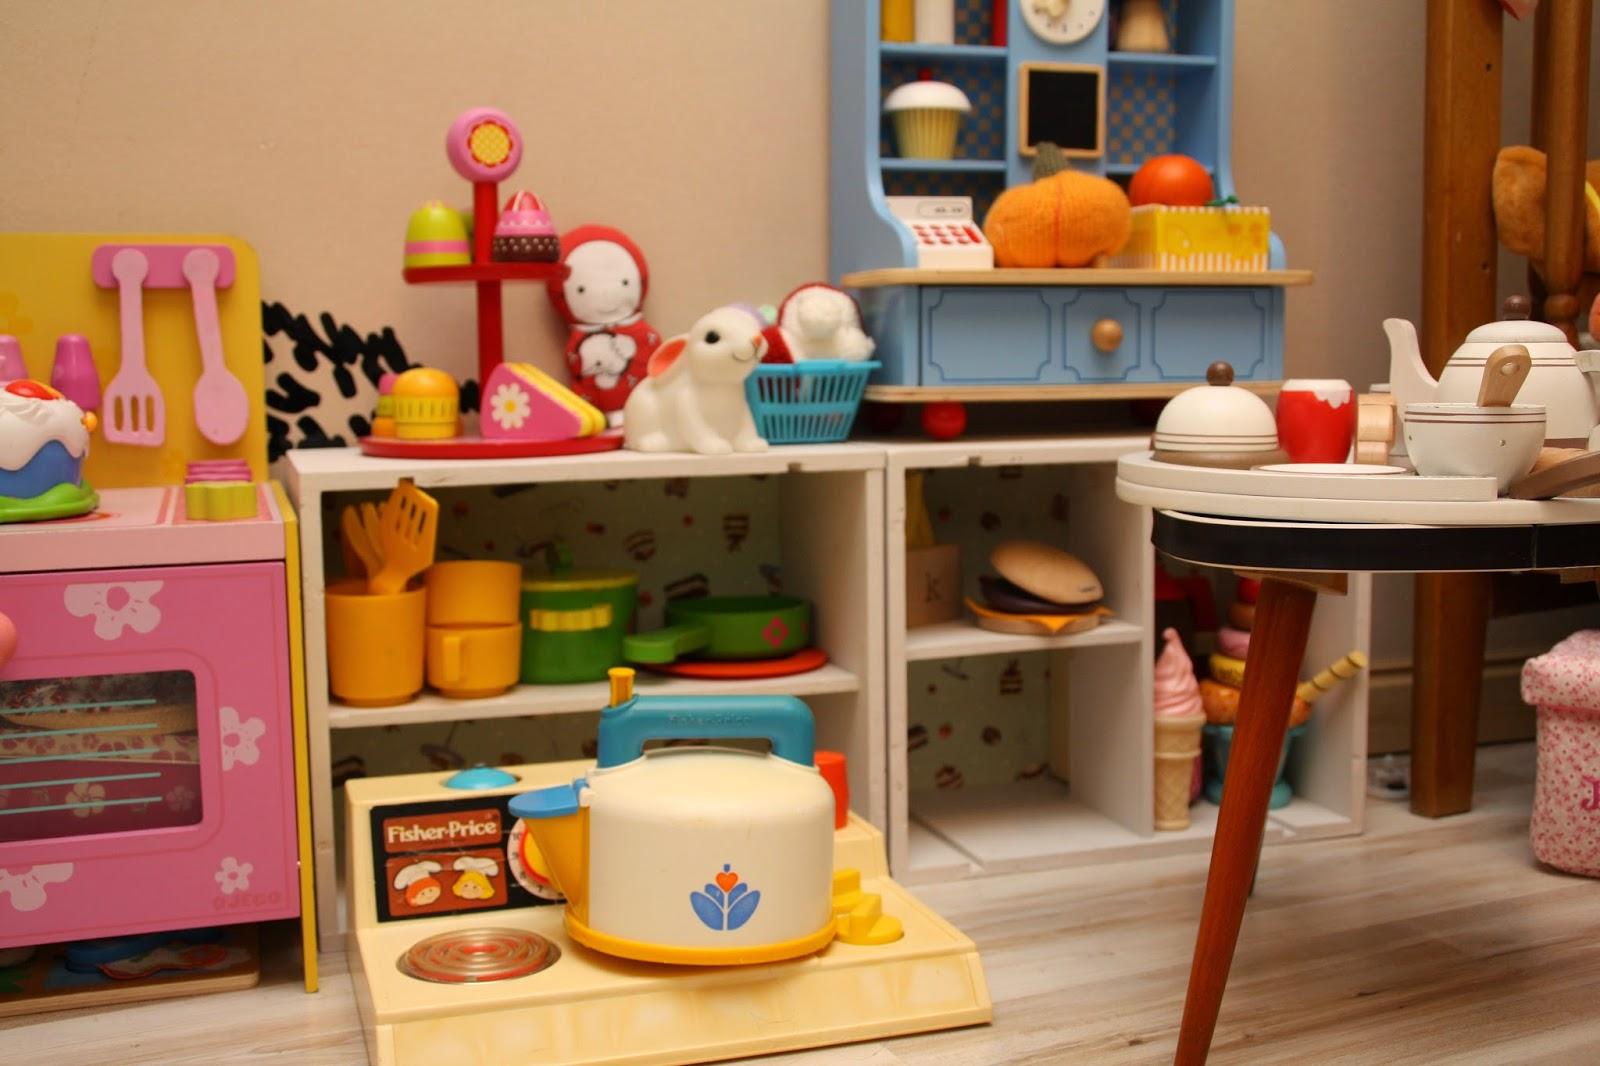 cuisiniere jouet vintage retro fisher price plaque cuisson jouets bois